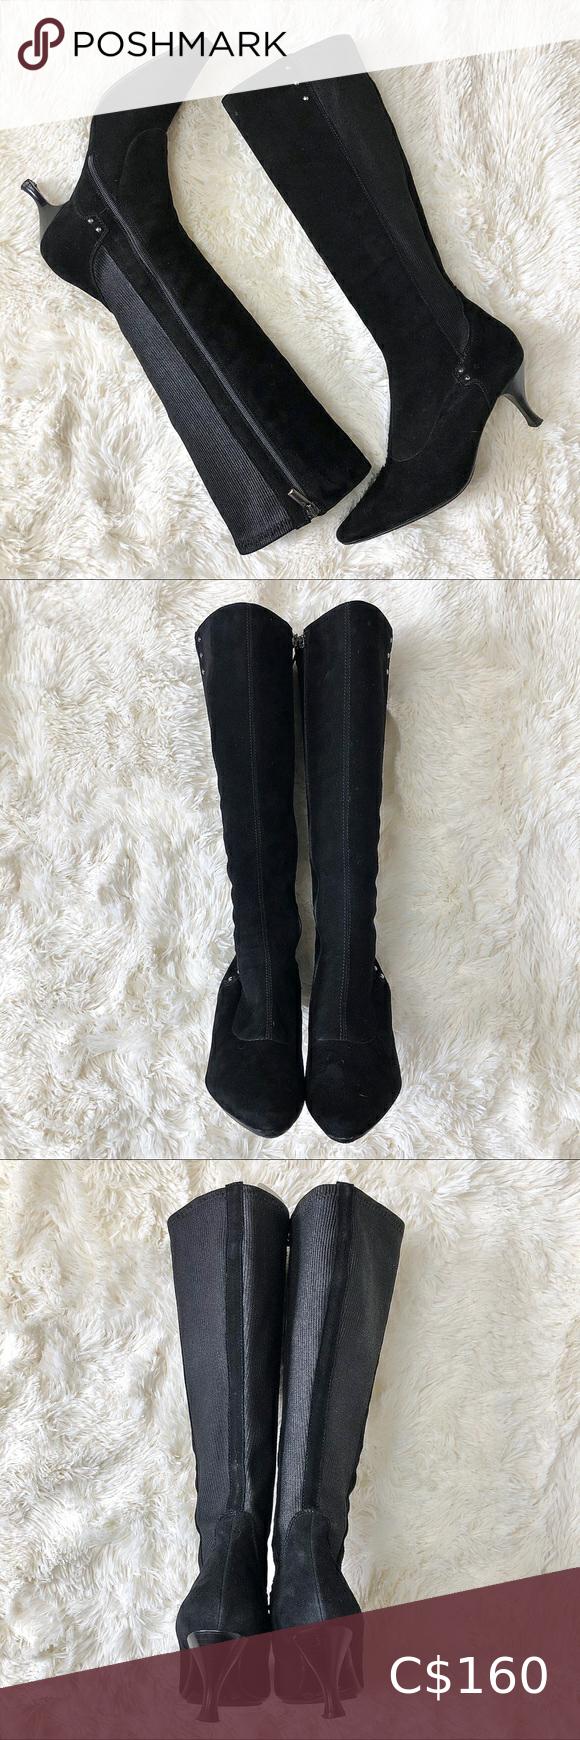 Aquatalia Black Suede & Knit Kitten Heel Boots 9